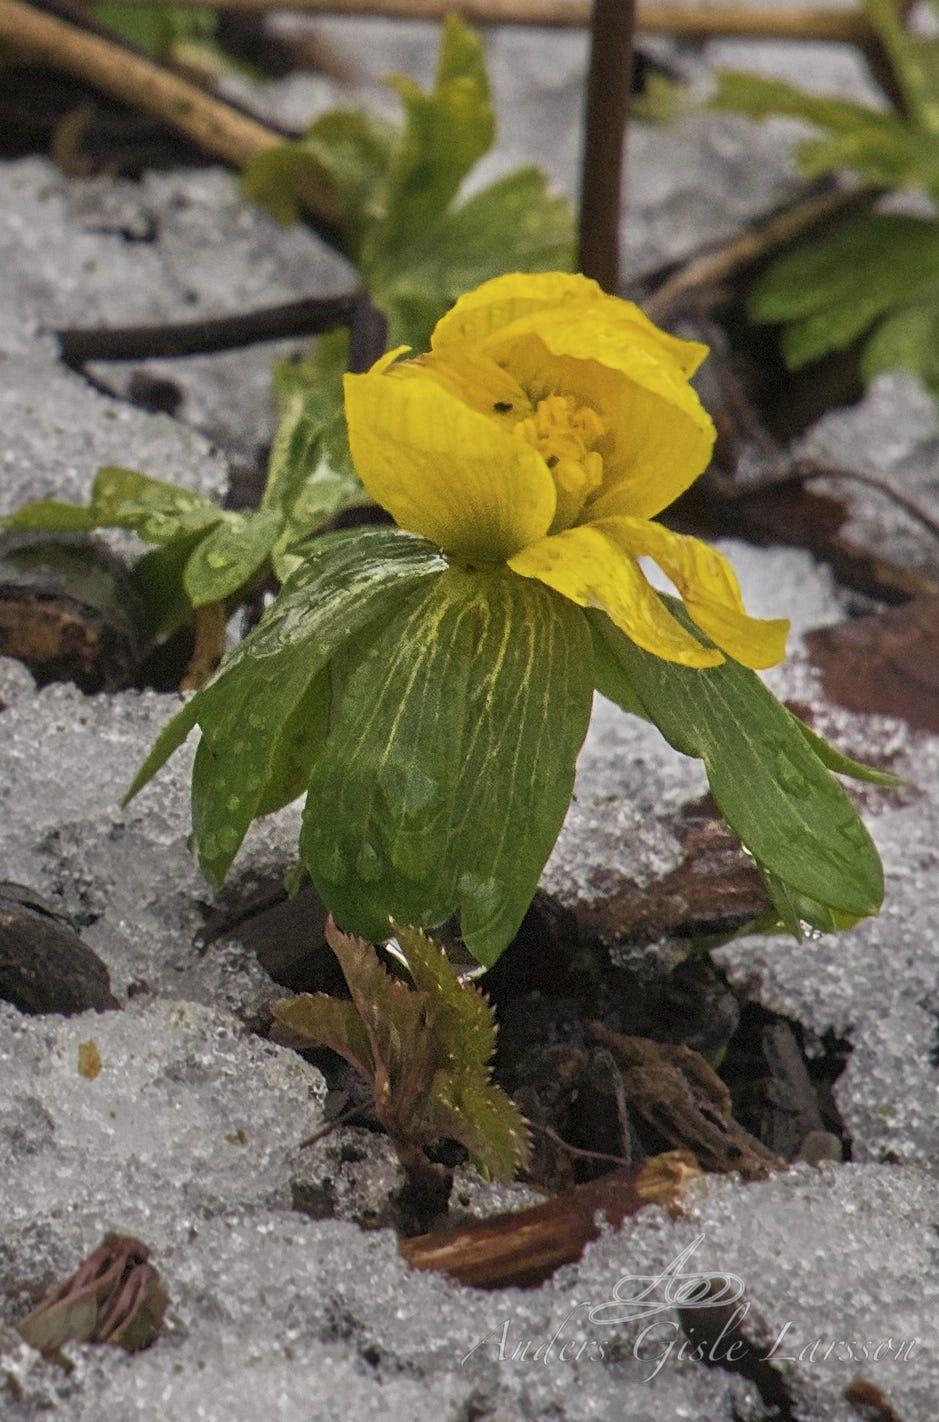 Foråret lister sig frem derude, Fri leg, Uge 10, 70/365, Assentoft, Randers